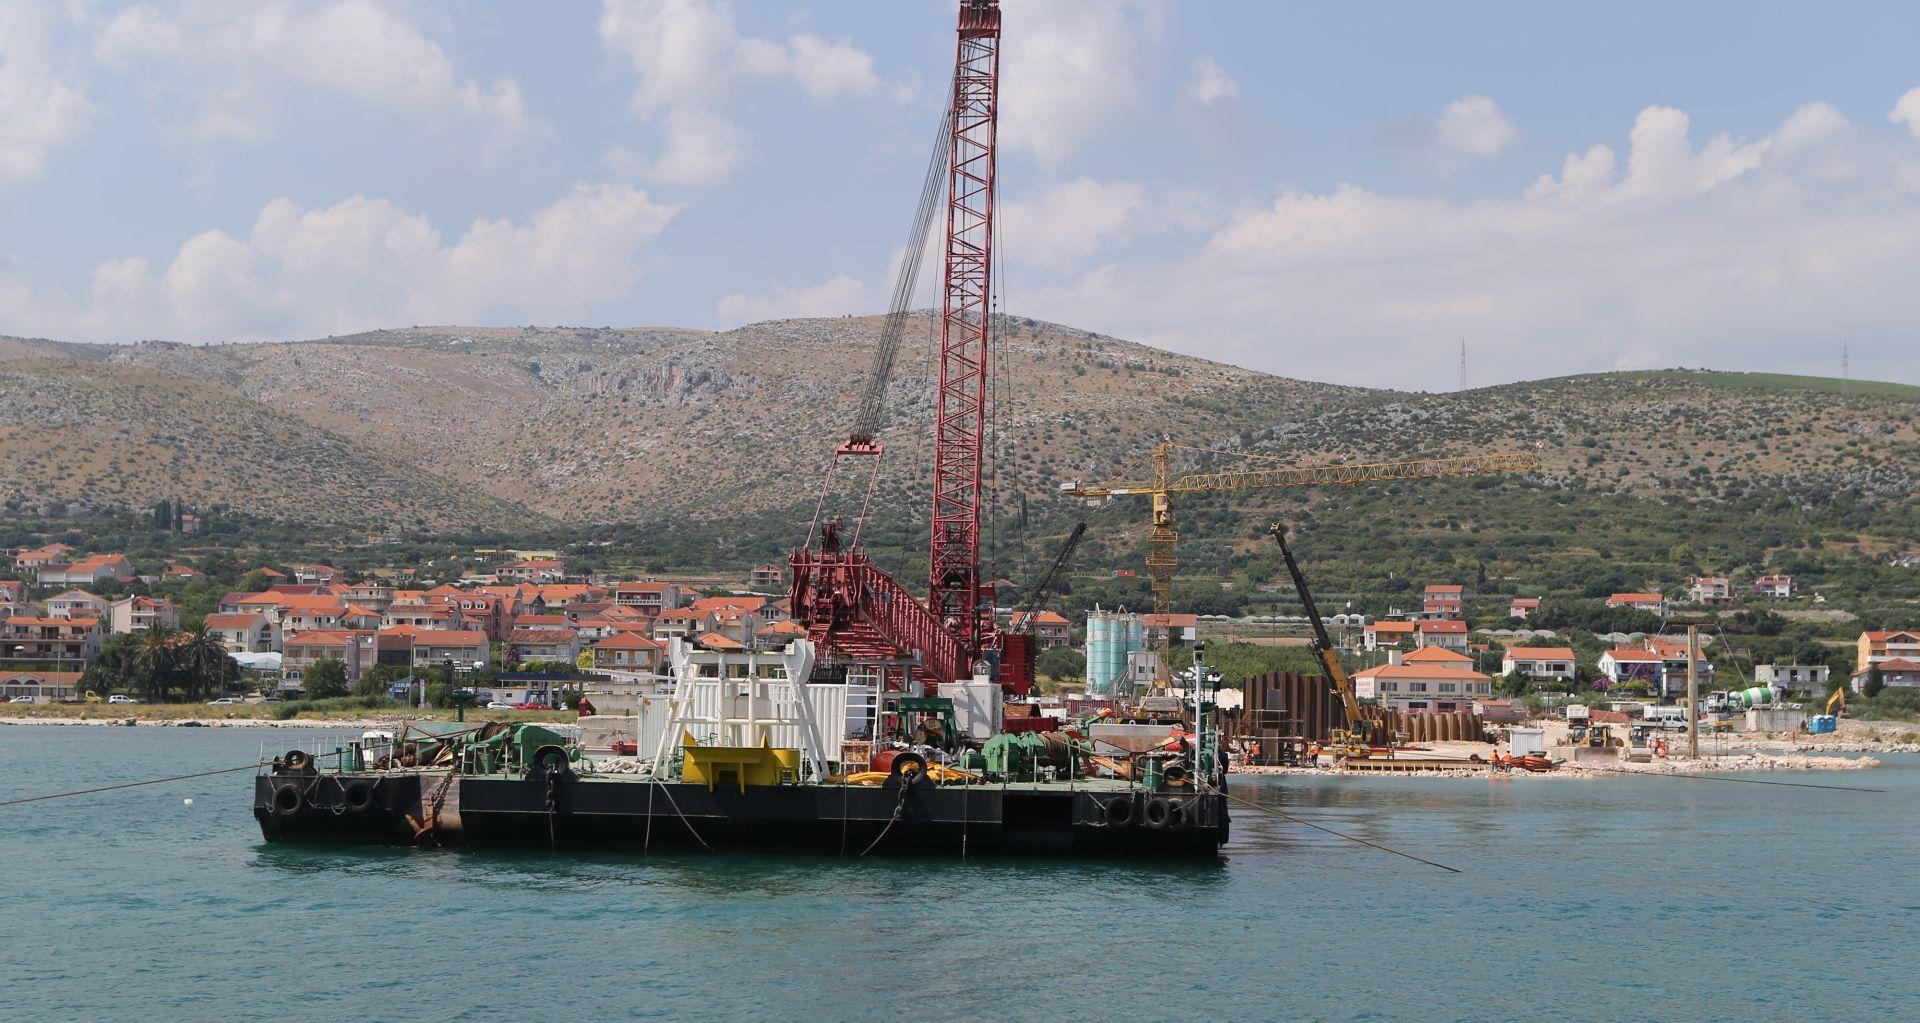 RADOVI DO KRAJA LISTOPADA: Izgradnja mosta kopno – otok Čiovo u Trogiru teče po planu